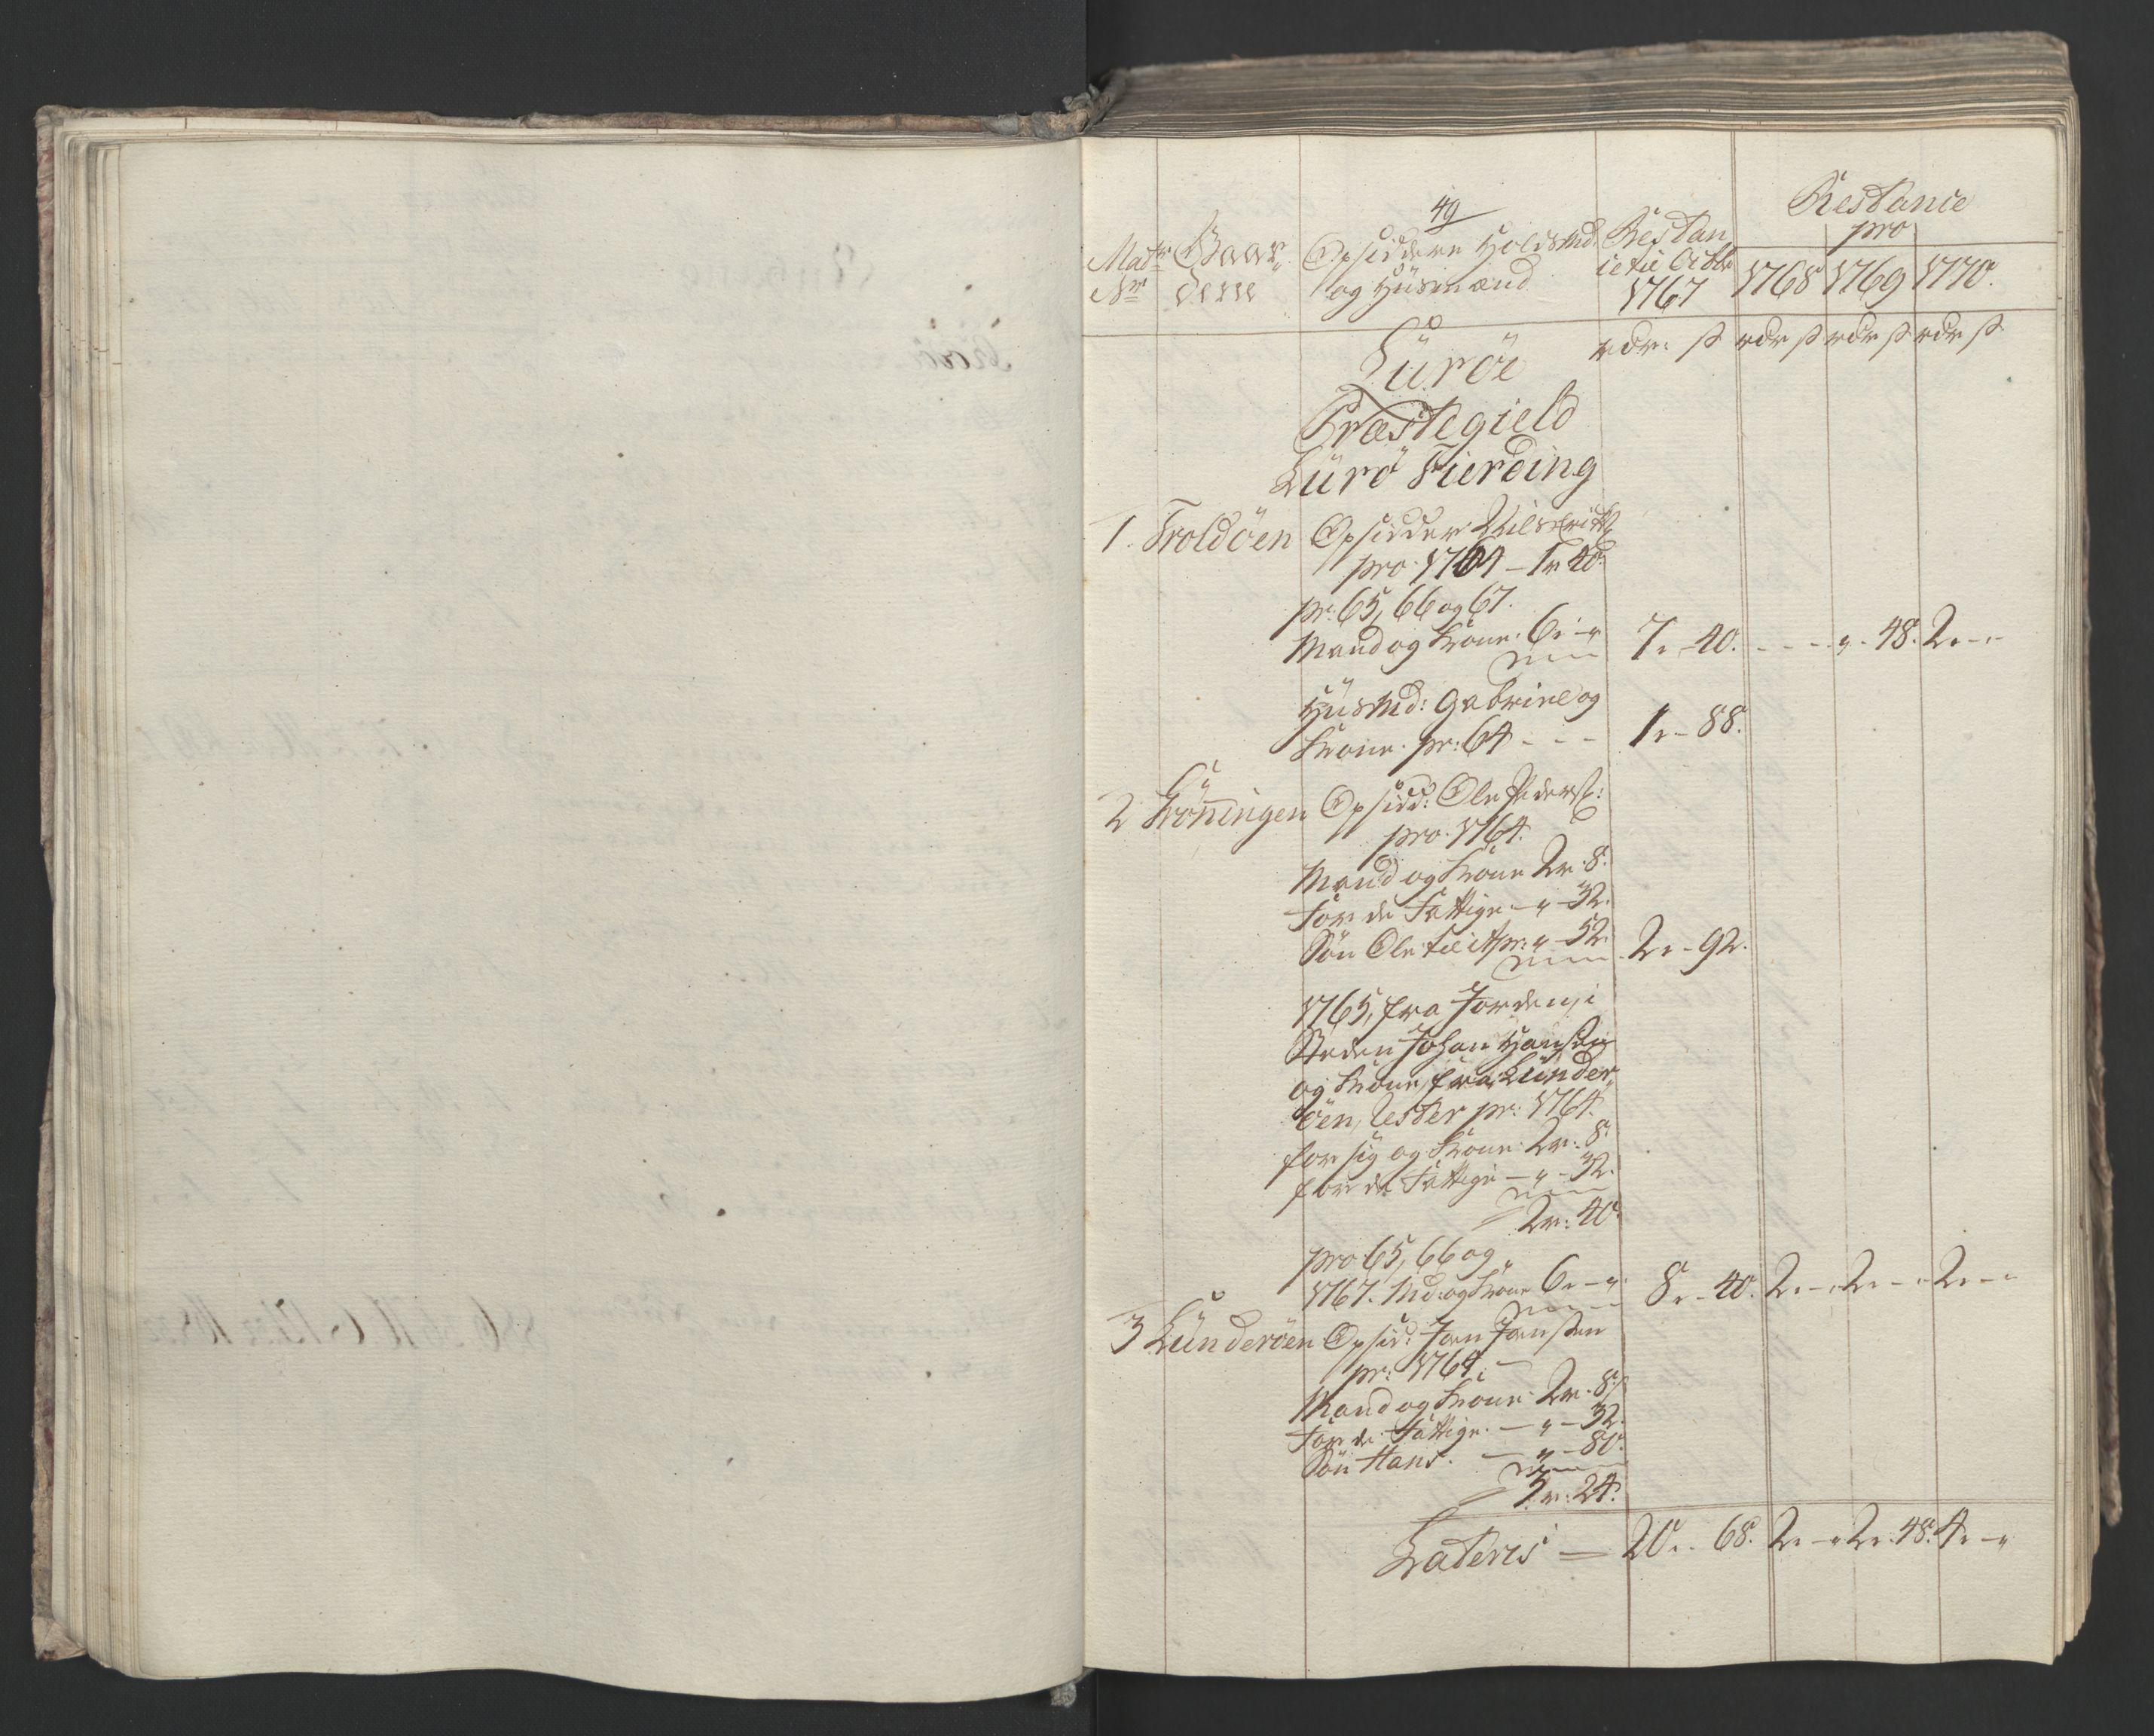 RA, Rentekammeret inntil 1814, Realistisk ordnet avdeling, Ol/L0023: [Gg 10]: Ekstraskatten, 23.09.1762. Helgeland (restanseregister), 1767-1772, s. 312